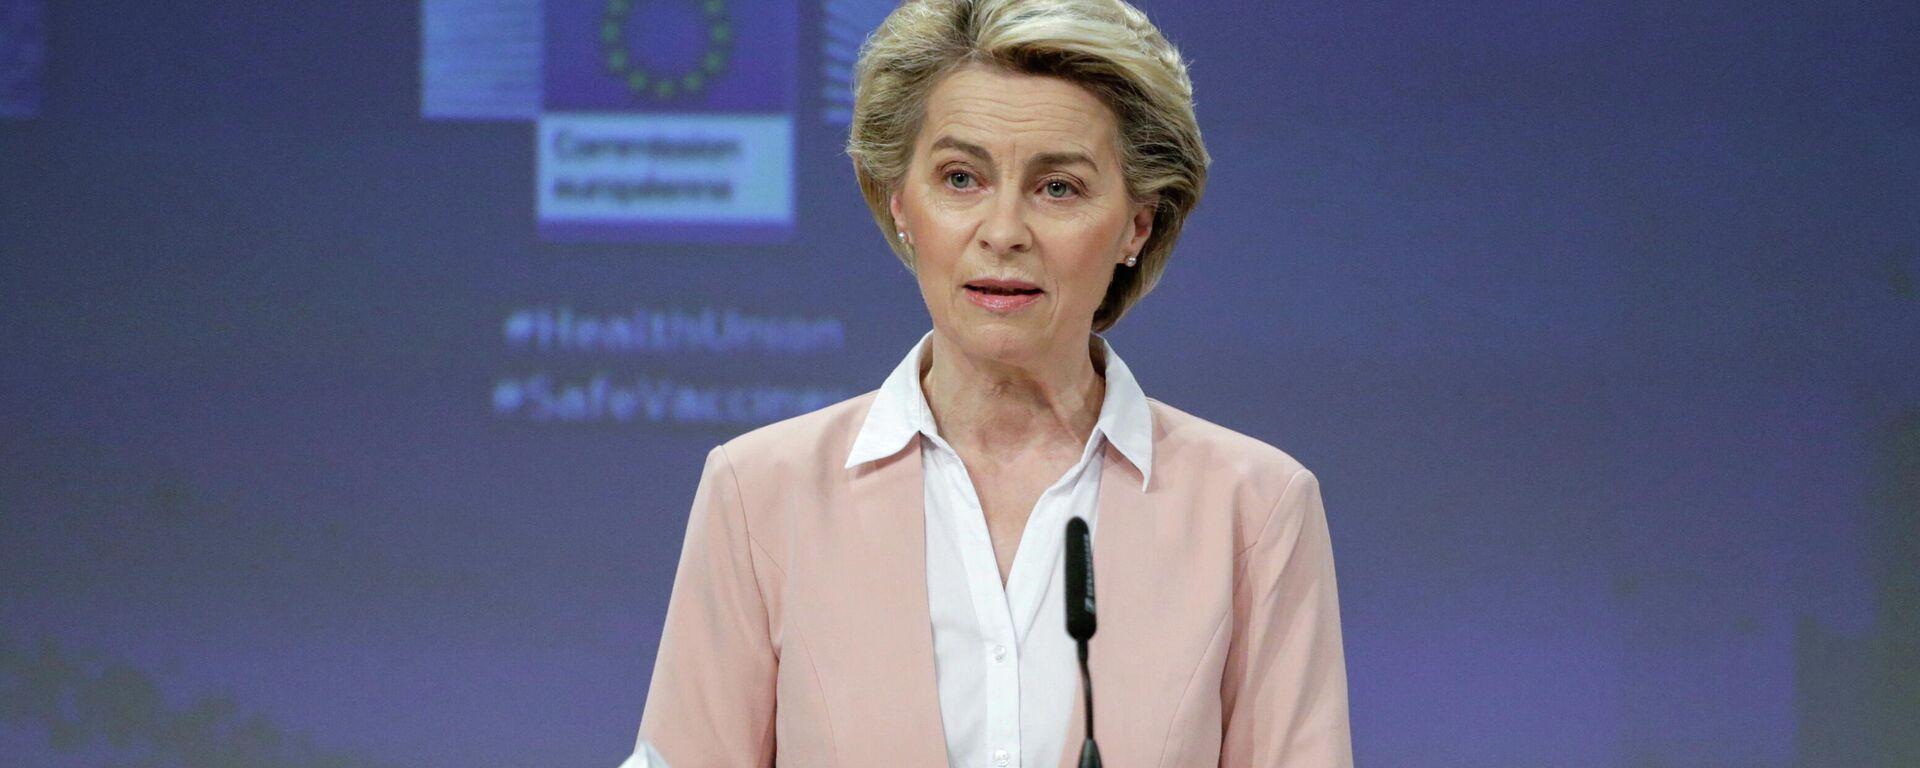 EU-Kommissionschefin Ursula von der Leyen auf einer Pressekonferenz zu Problemen der Bekämpfung der Corona-Pandemie. Brüssel, 17. Februar 2021 - SNA, 1920, 15.06.2021